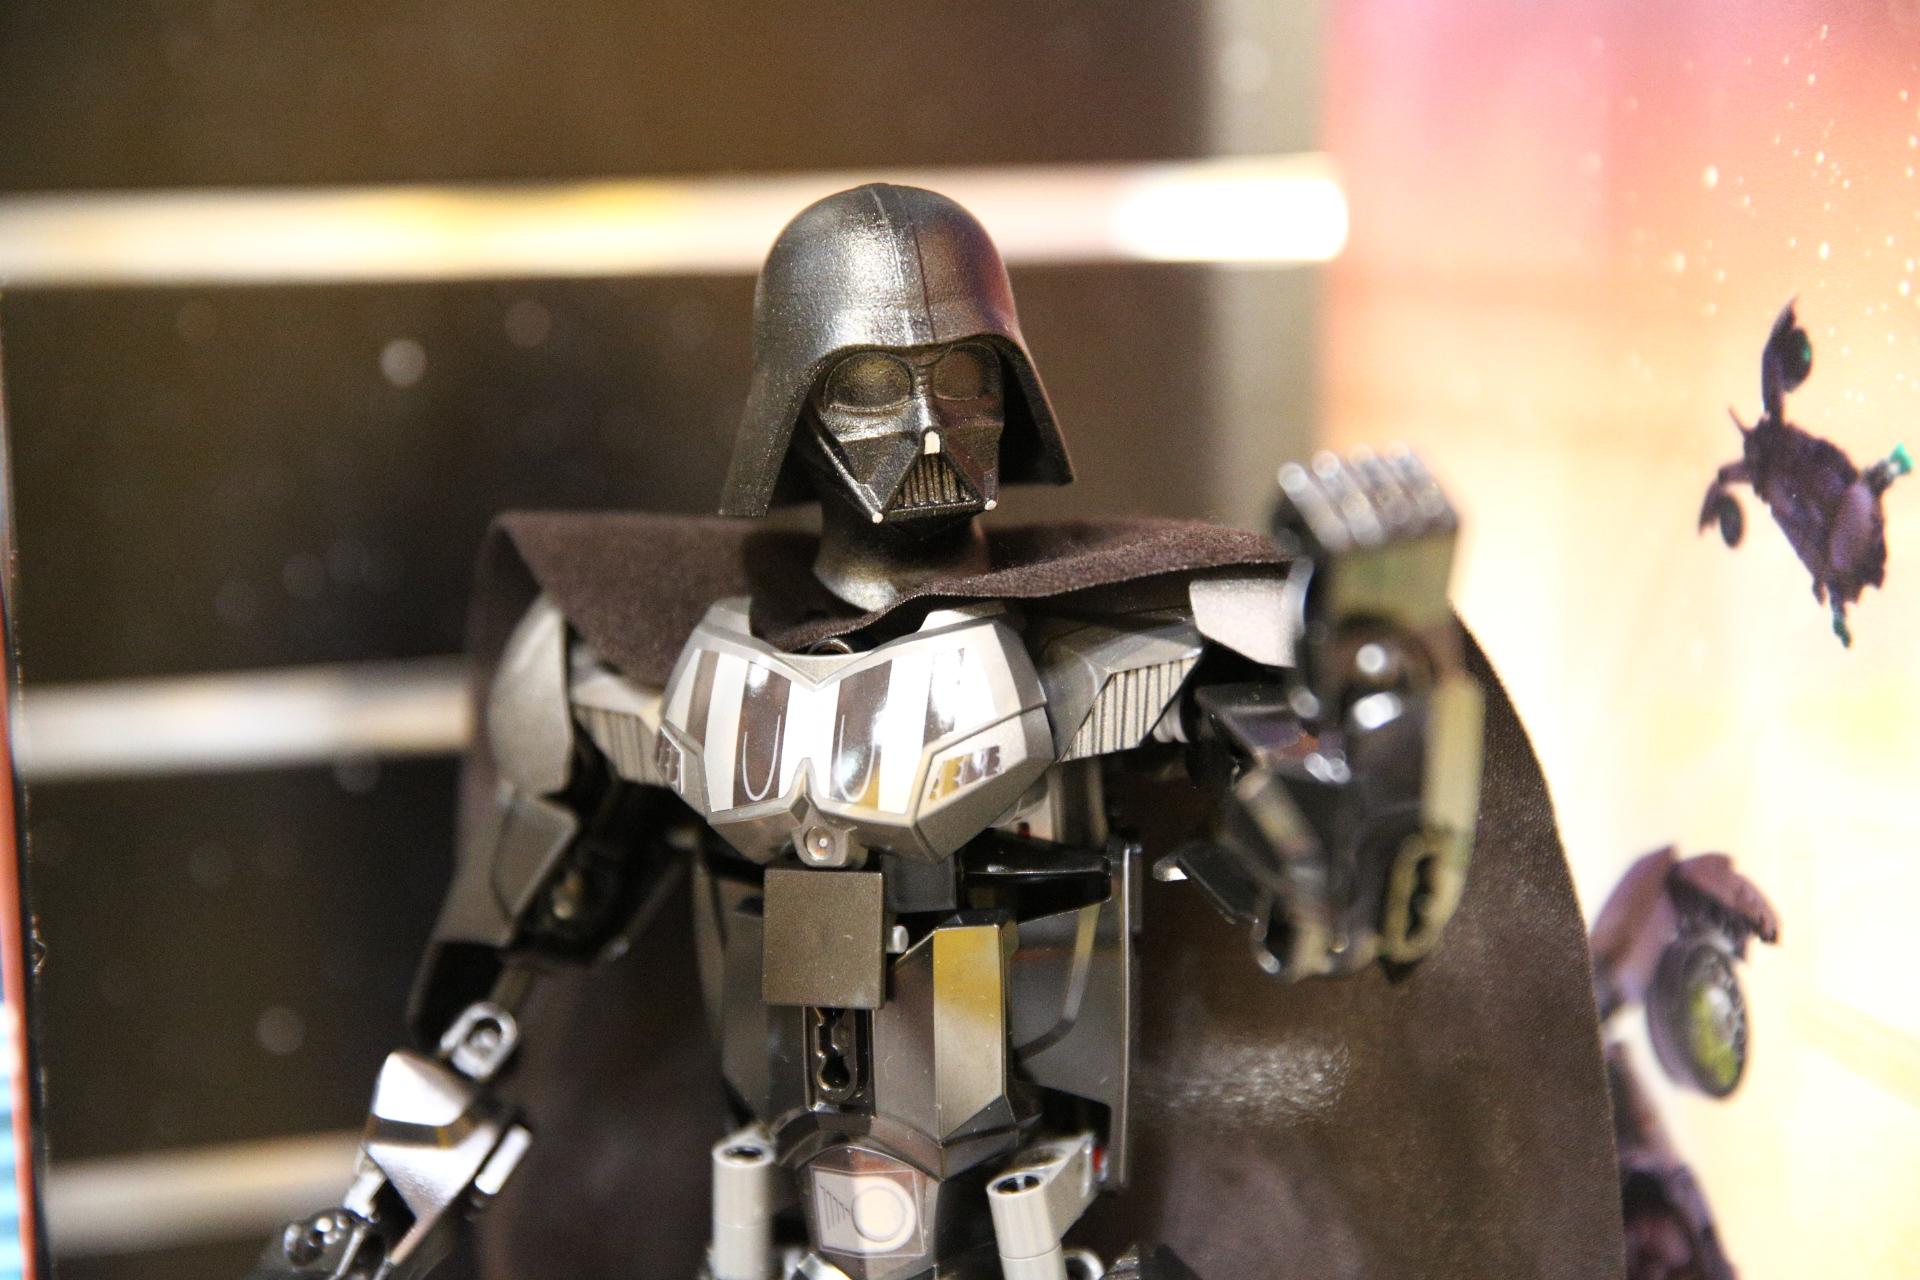 [Produits] Des Figurines d'Action LEGO Star Wars prévues pour l'automne 2015 ! - Page 2 2015-02-14-05.48.56